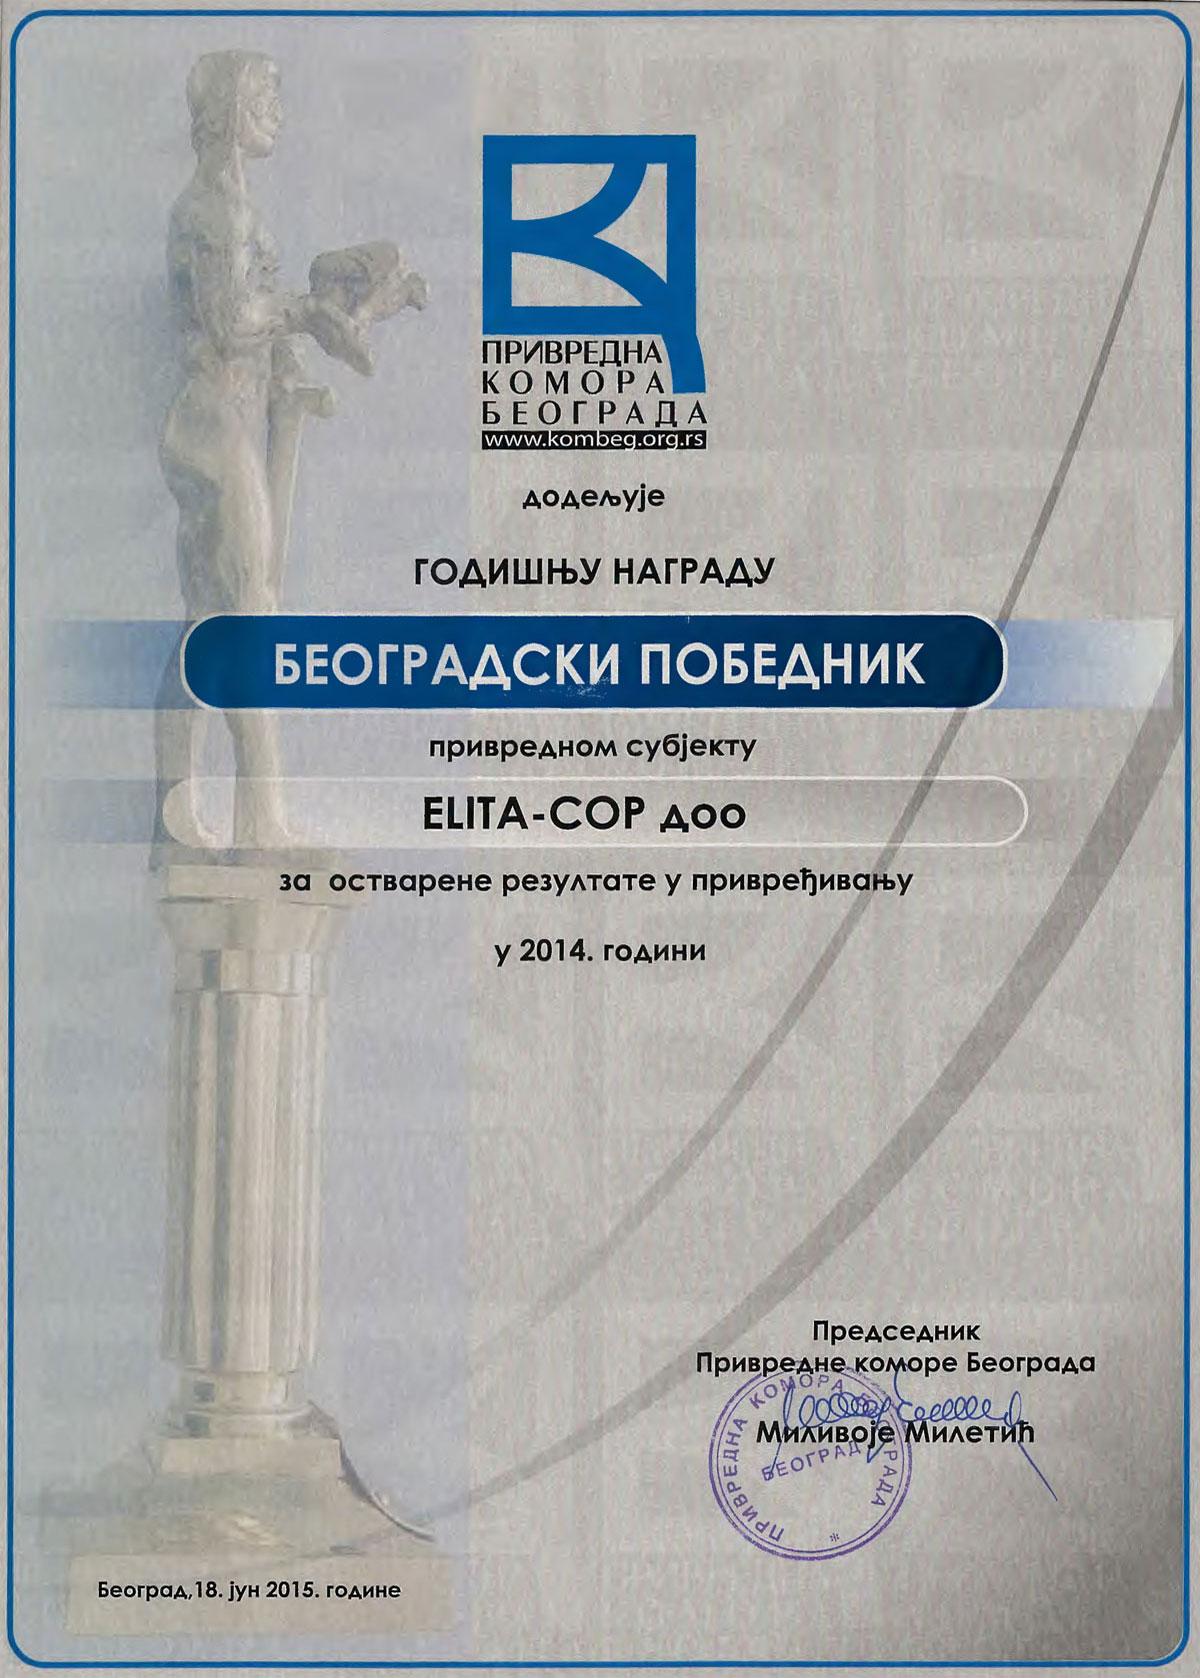 Elita Cop - Beogradski pobednik nagrada